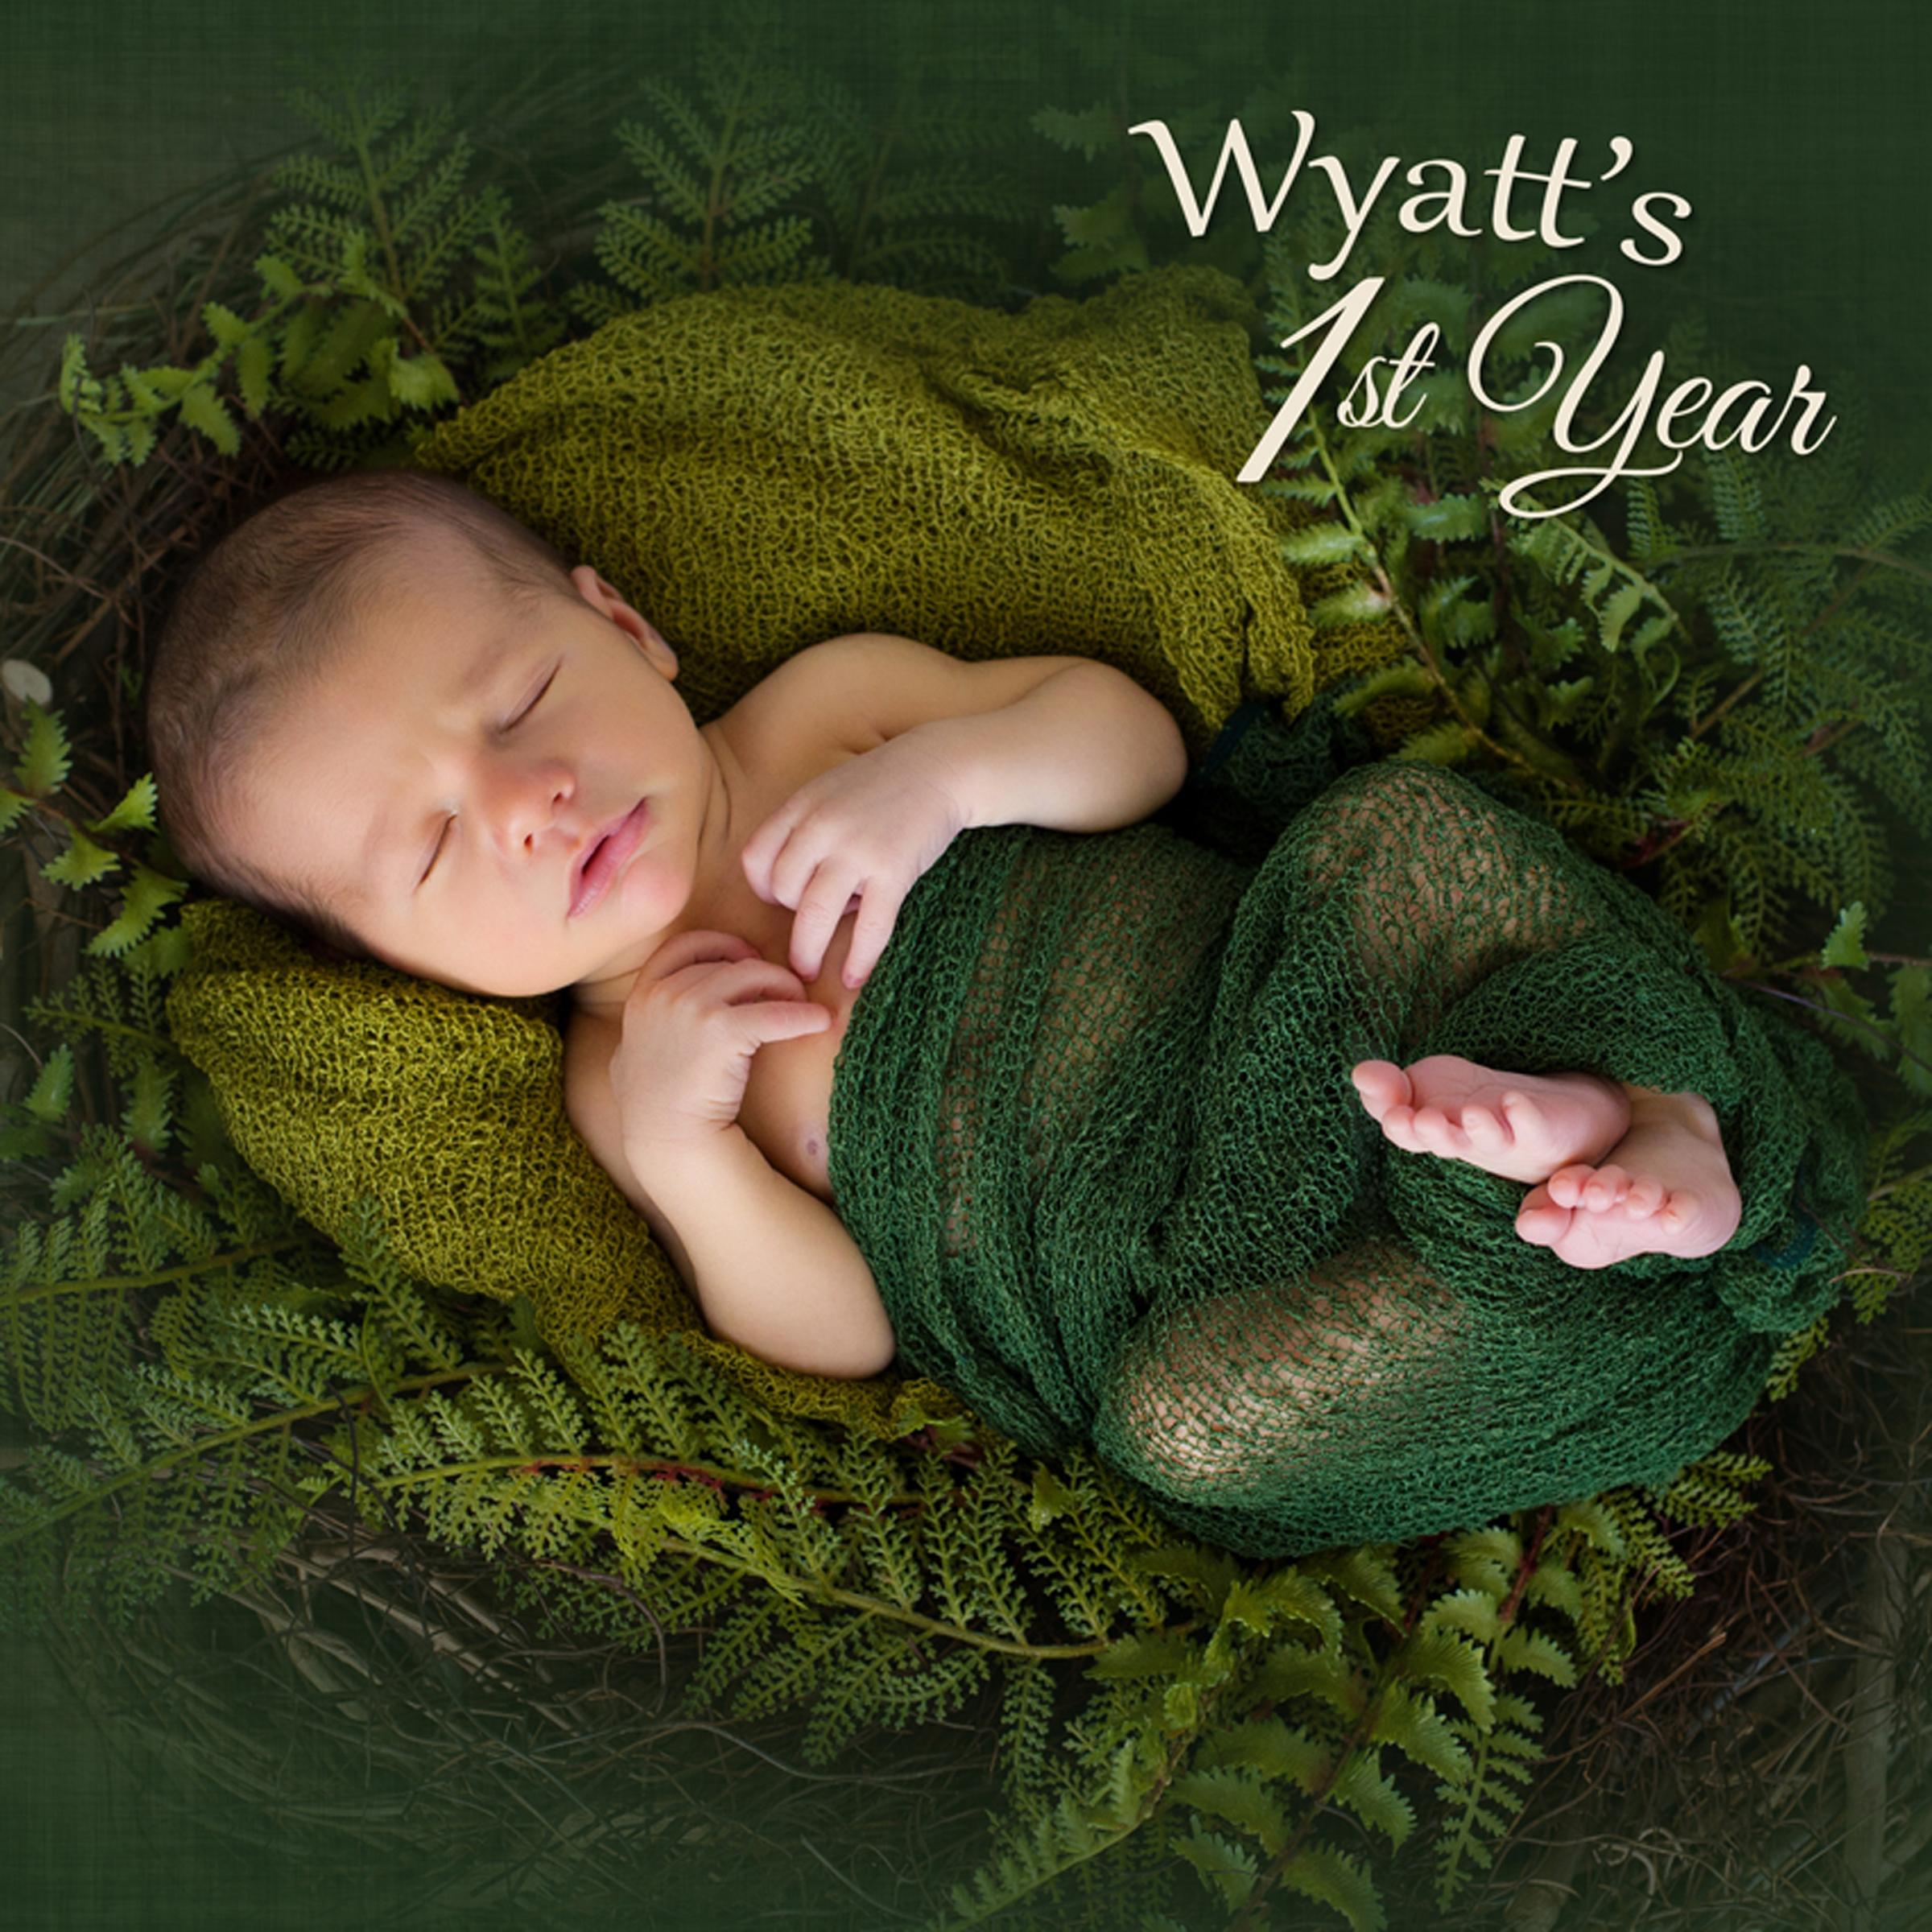 Wyatt's 1 Year Baby Album